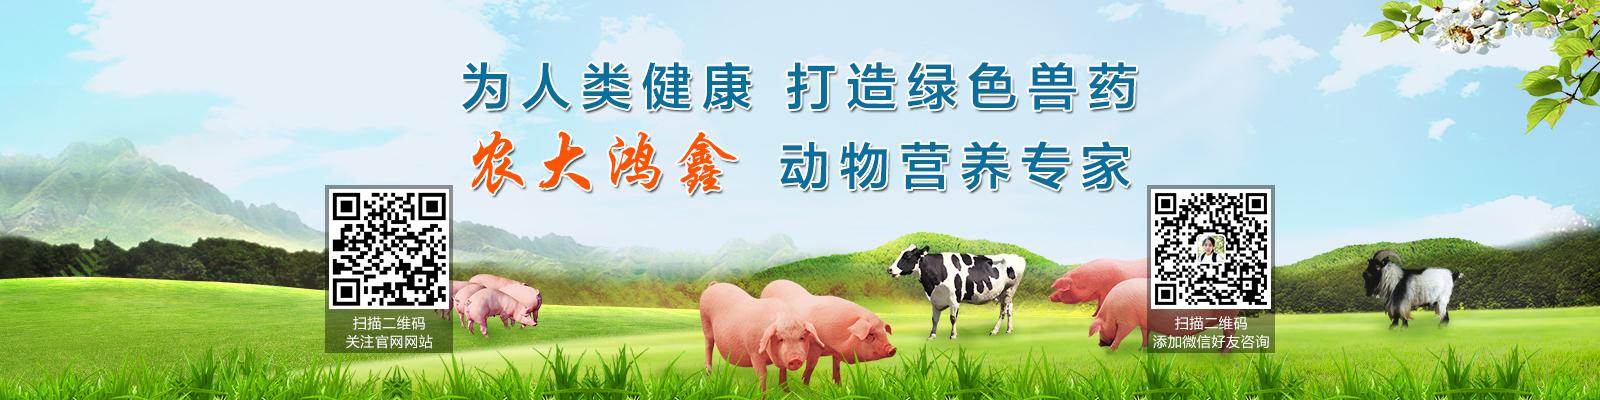 北京农大鸿鑫生物科技有限公司